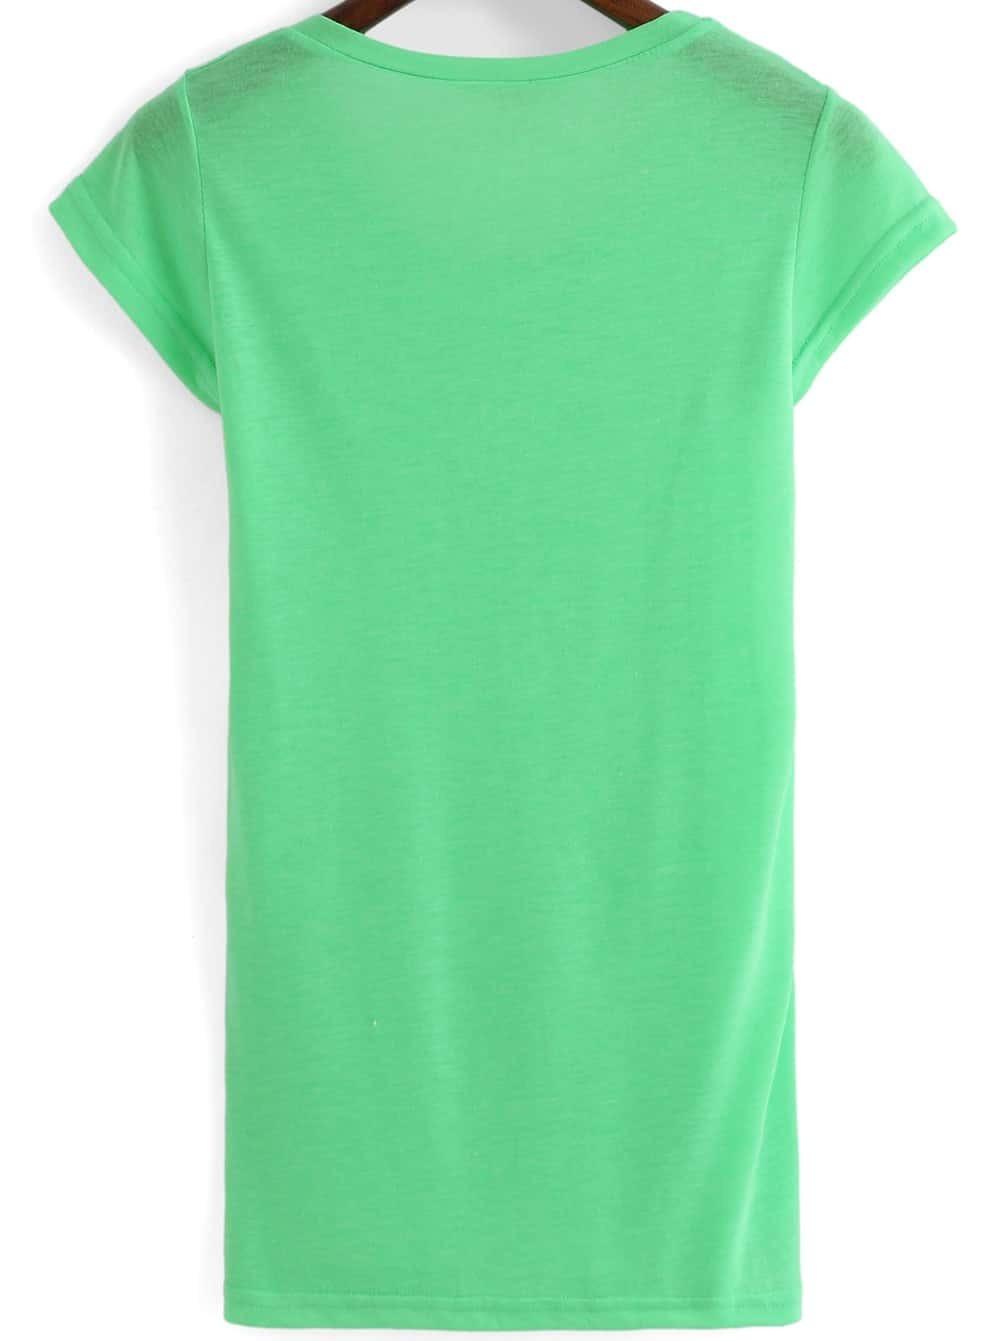 Neon Green Round Neck Short Sleeve T Shirt Shein Sheinside